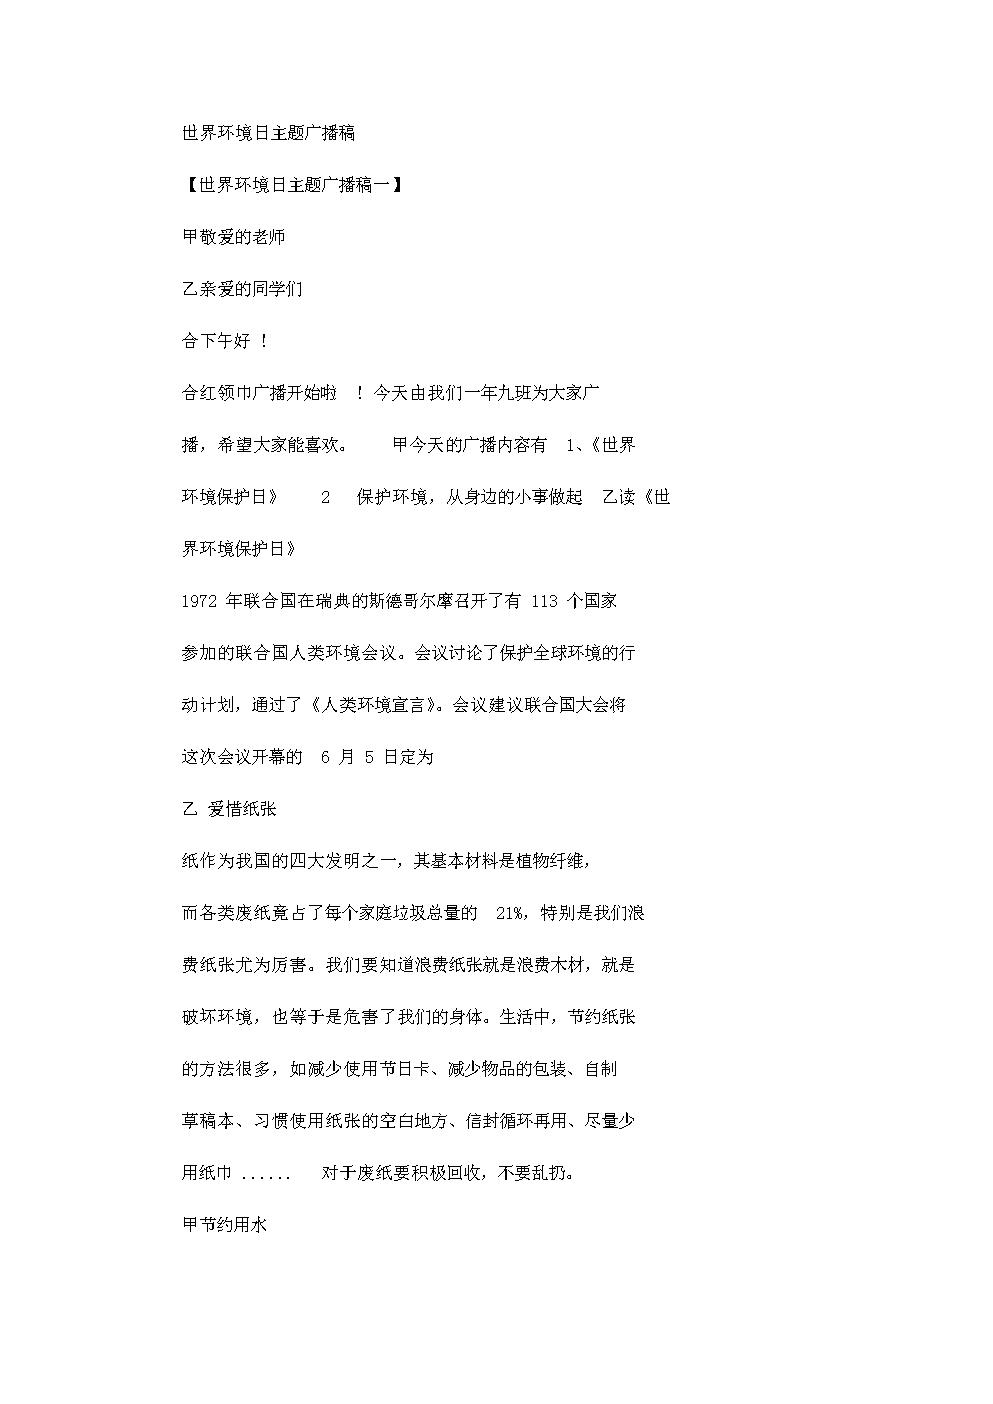 世界环境日主题广播稿文本.doc